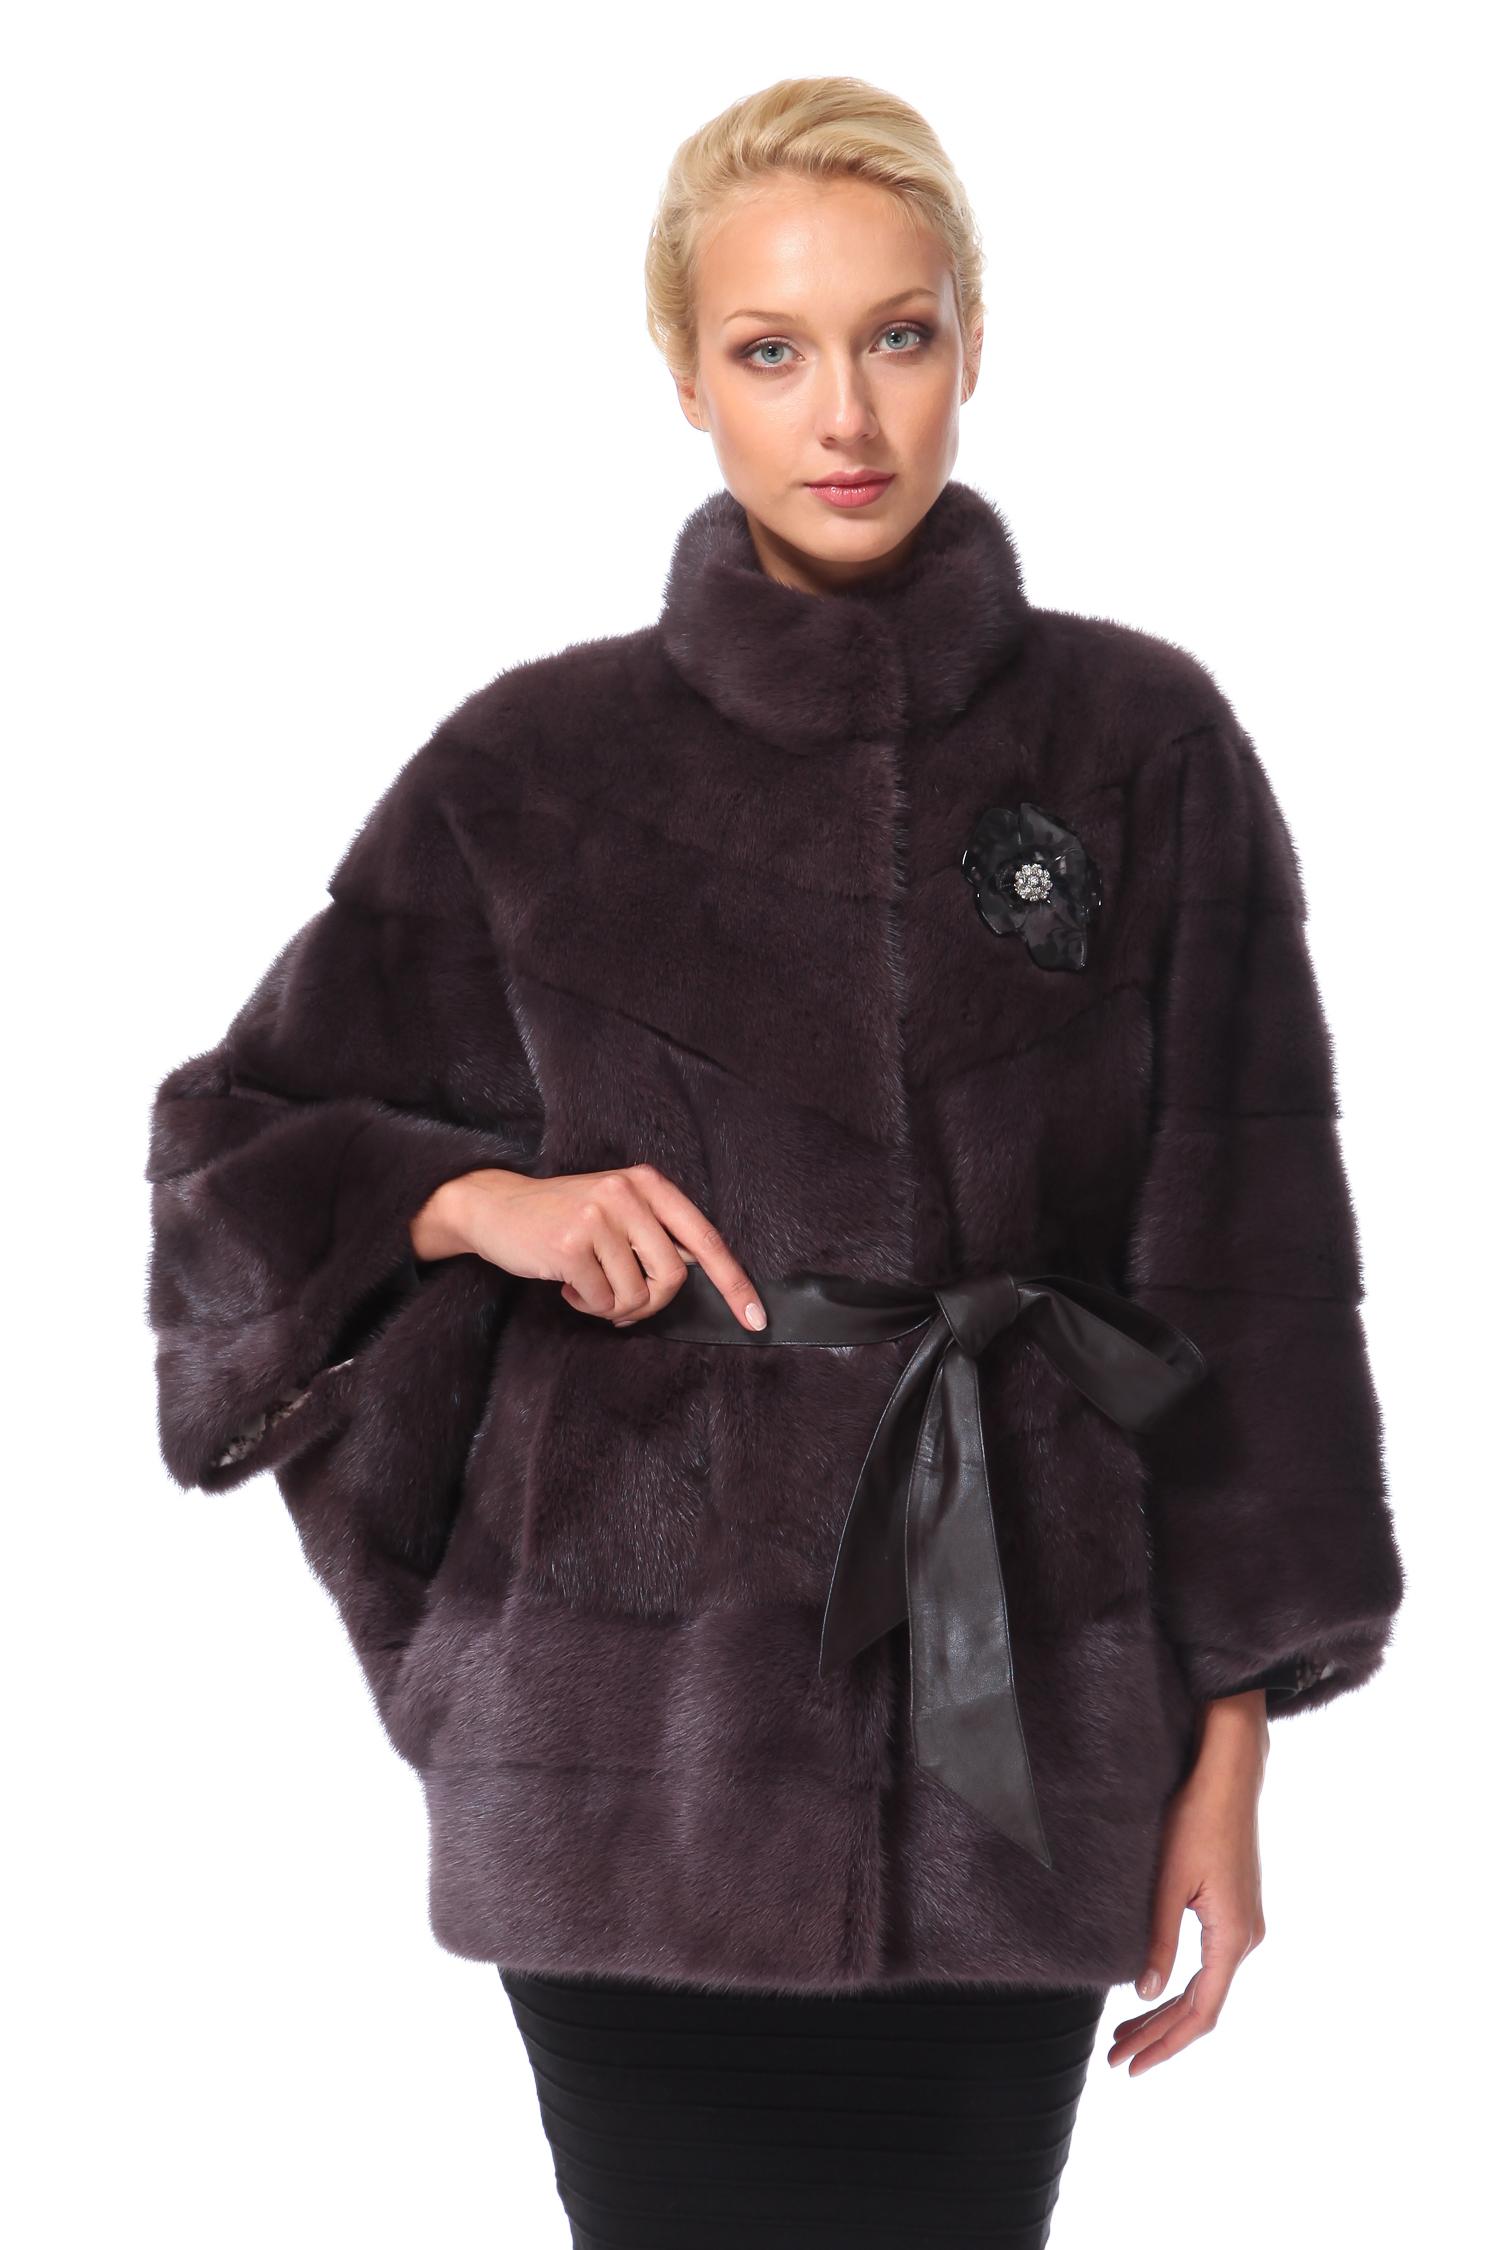 Куртка из норки с воротником, без отделкиЦвет пепельно-бежевый графит.<br><br>Модель изготовлена из меха европейской норки.<br><br>Фасон на манер пальто-пончо, выполненный из поперечных цельных пластин восхитительного меха европейской норки, где рукава практически слиты с основным силуэтом, последние годы очень моден и востребован среди женщин, обладающих разными типами фигур. Скрывая все недостатки, он подчеркивает очевидные достоинства больших размеров одежды. Аристократичный воротник-стойка, наряду с эффектным декором в виде изысканного цветка клематиса, делают образ слегка богемным. Длинный, мягкий кожаный пояс изумительно подчеркнет талию. Комфортная длина до середины бедра и выраженная талия, вместе выглядят очень женственно. Обладательница модели каждый день будет ловить на себе восхищенные взгляды окружающих и чувствовать себя непревзойденно<br><br>Воротник: Стойка<br>Длина см: 70<br>Цвет: Коричневый<br>Пол: Женский